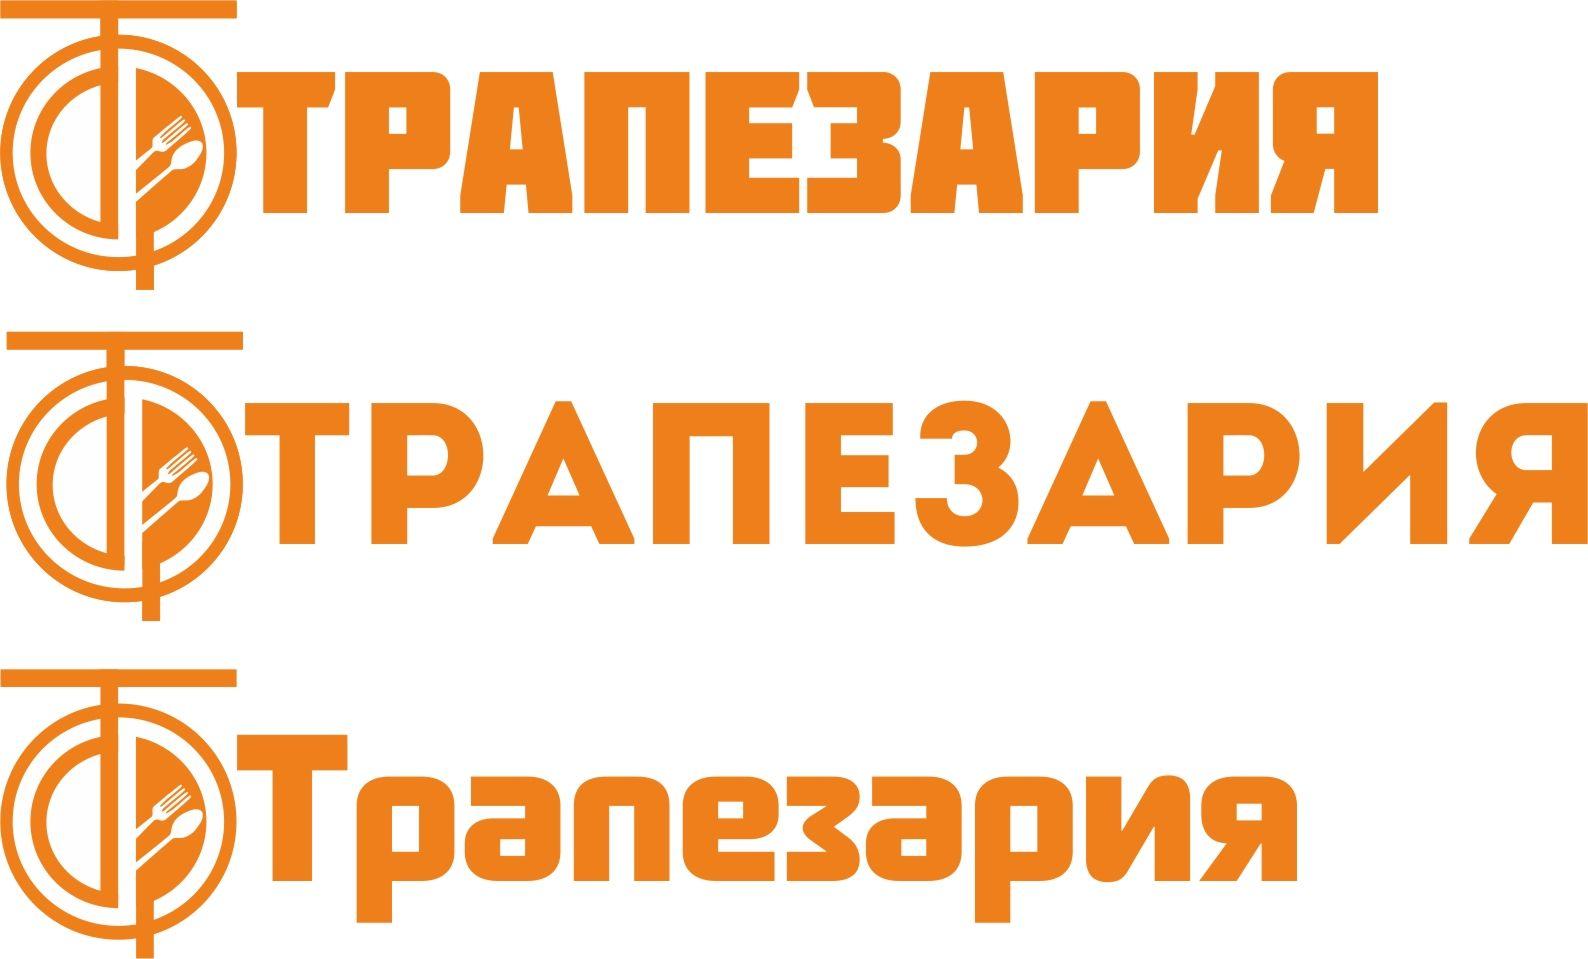 Логотип, брендбук и фирменный стиль для Трапезарии - дизайнер ov07